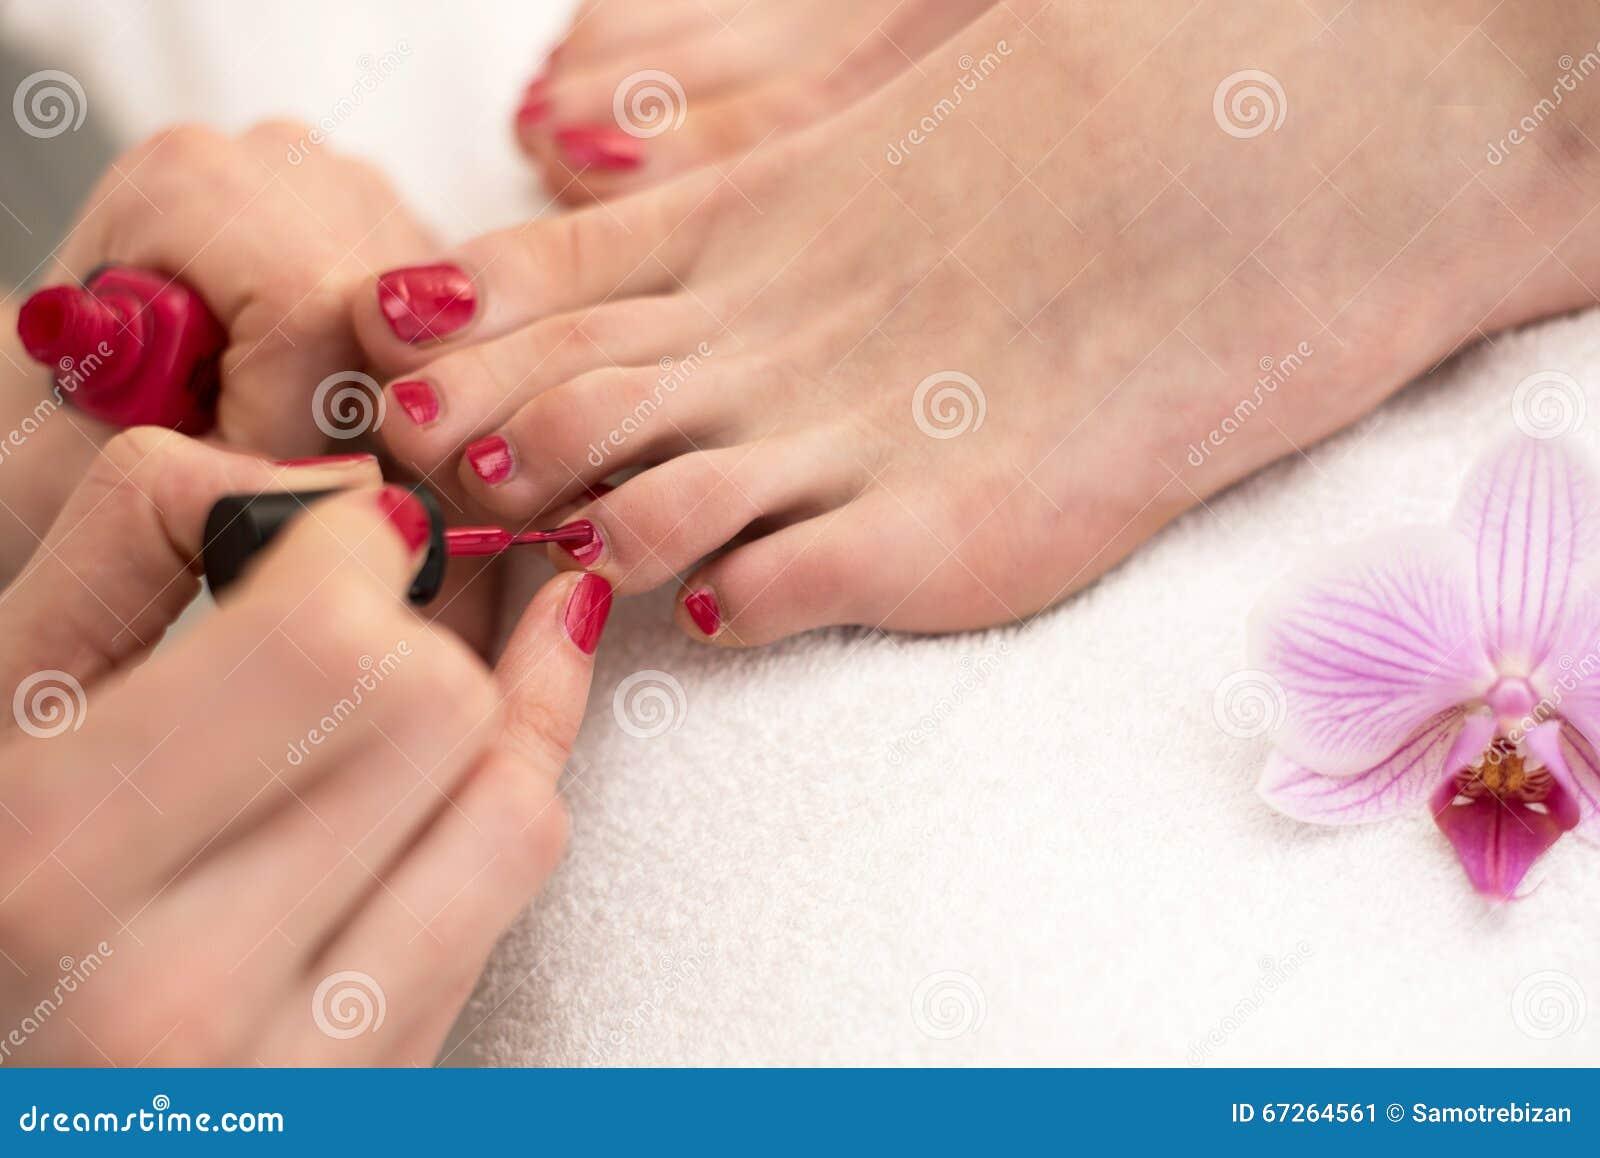 Femme au salon de cosm tiques appliquant le vernis for Salon pour les ongles